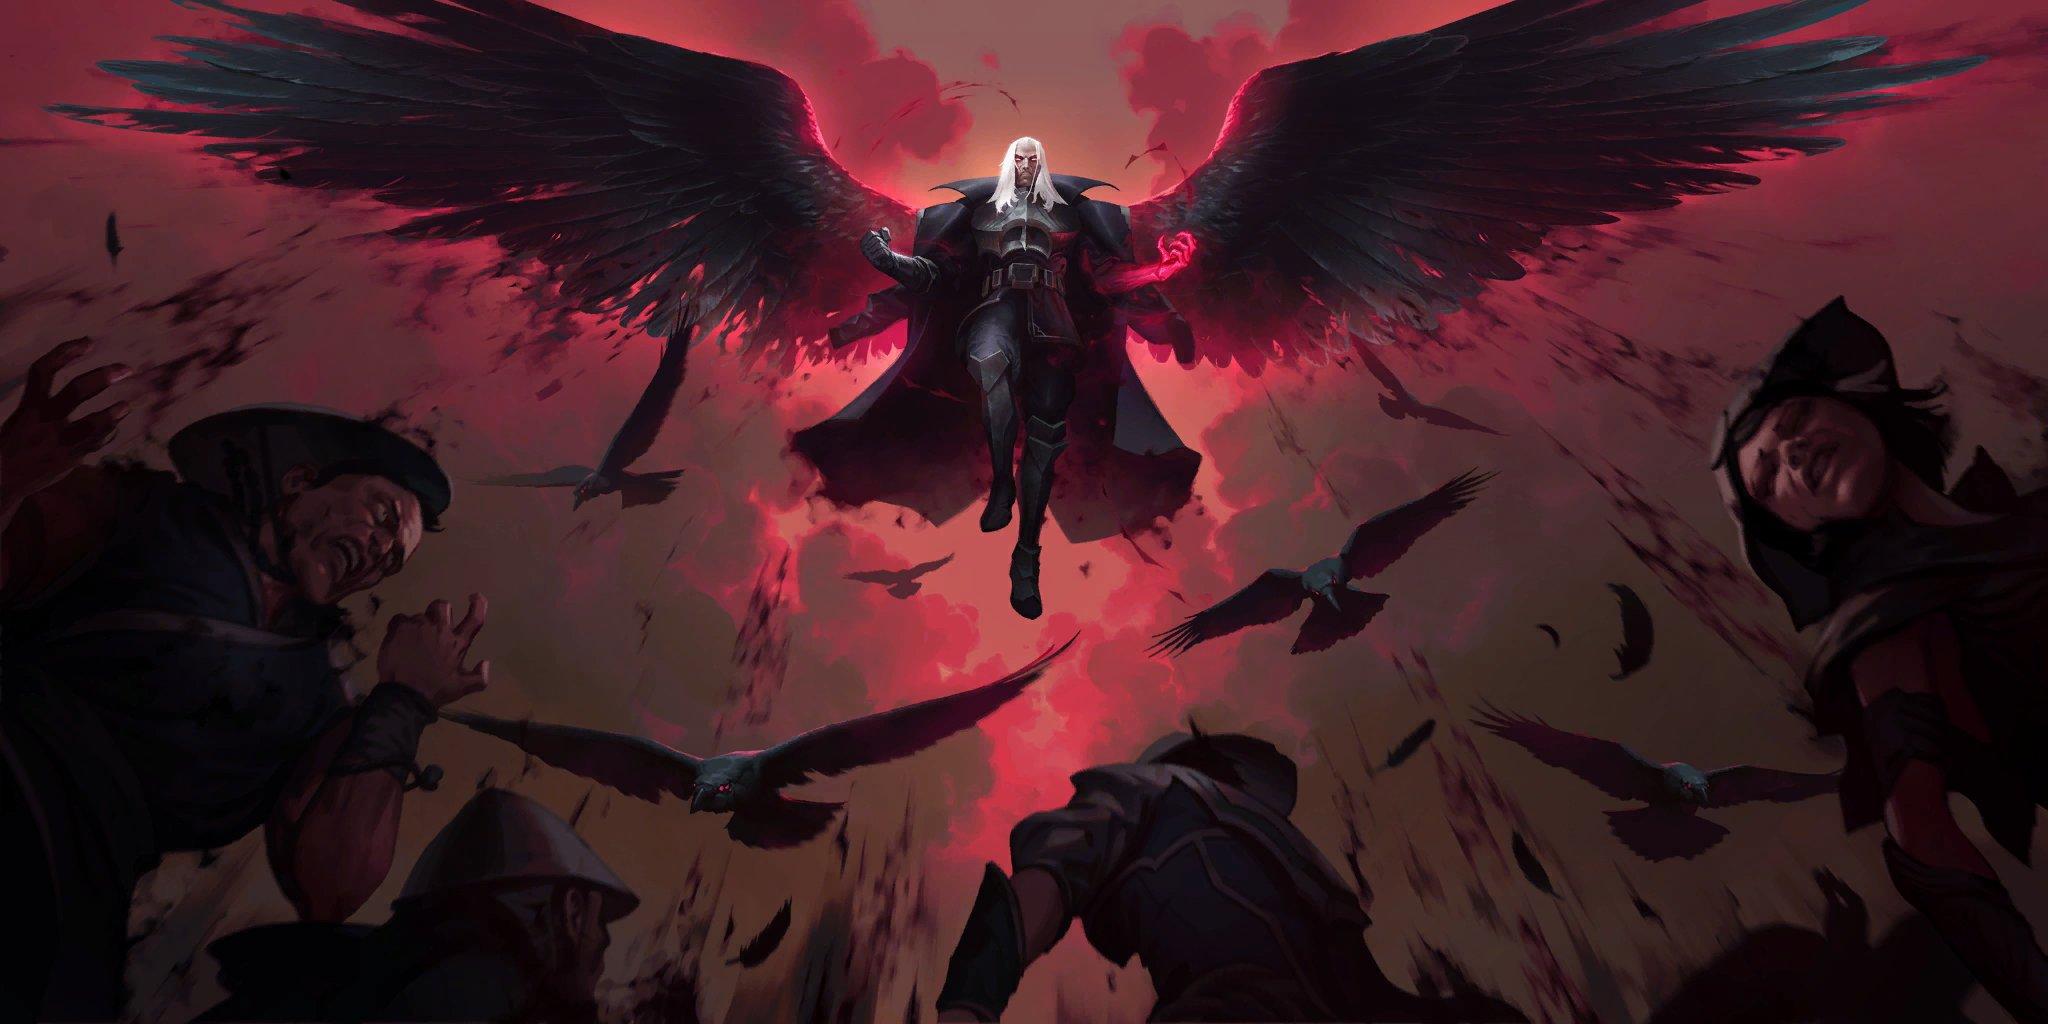 Nhờ bàn tay của anh ấy, Noxus sẽ trỗi dậy!  Xếp hạng New Legends of Runeterra Champion Swain & amp;  Người theo dõi anh ấy · Legends of Runeterra (LoR) · RuneterraCCG.com